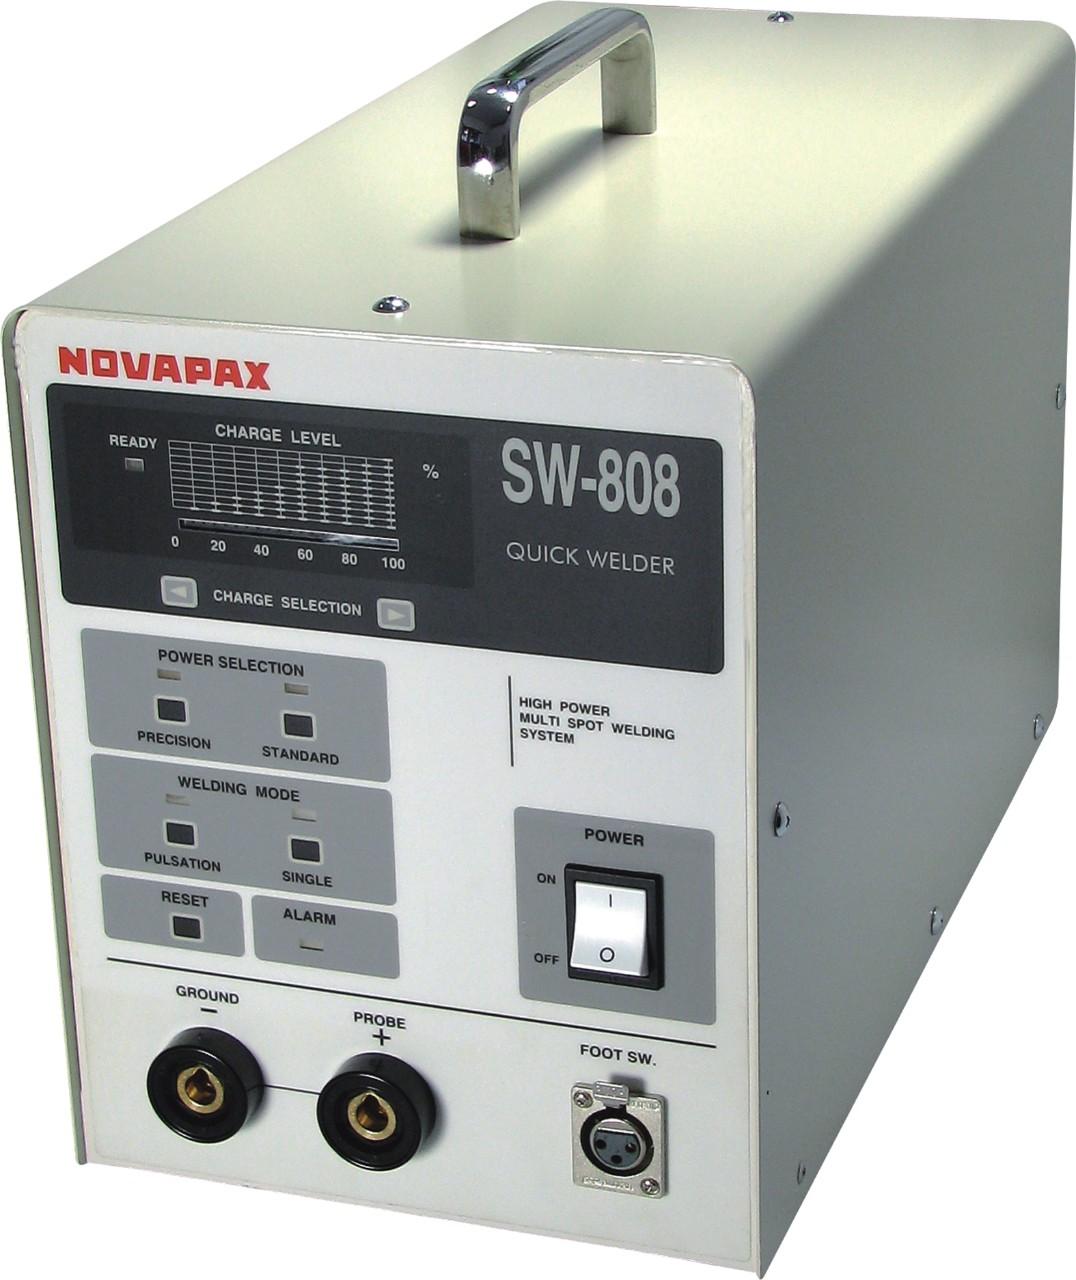 SW-808 bodové navařování